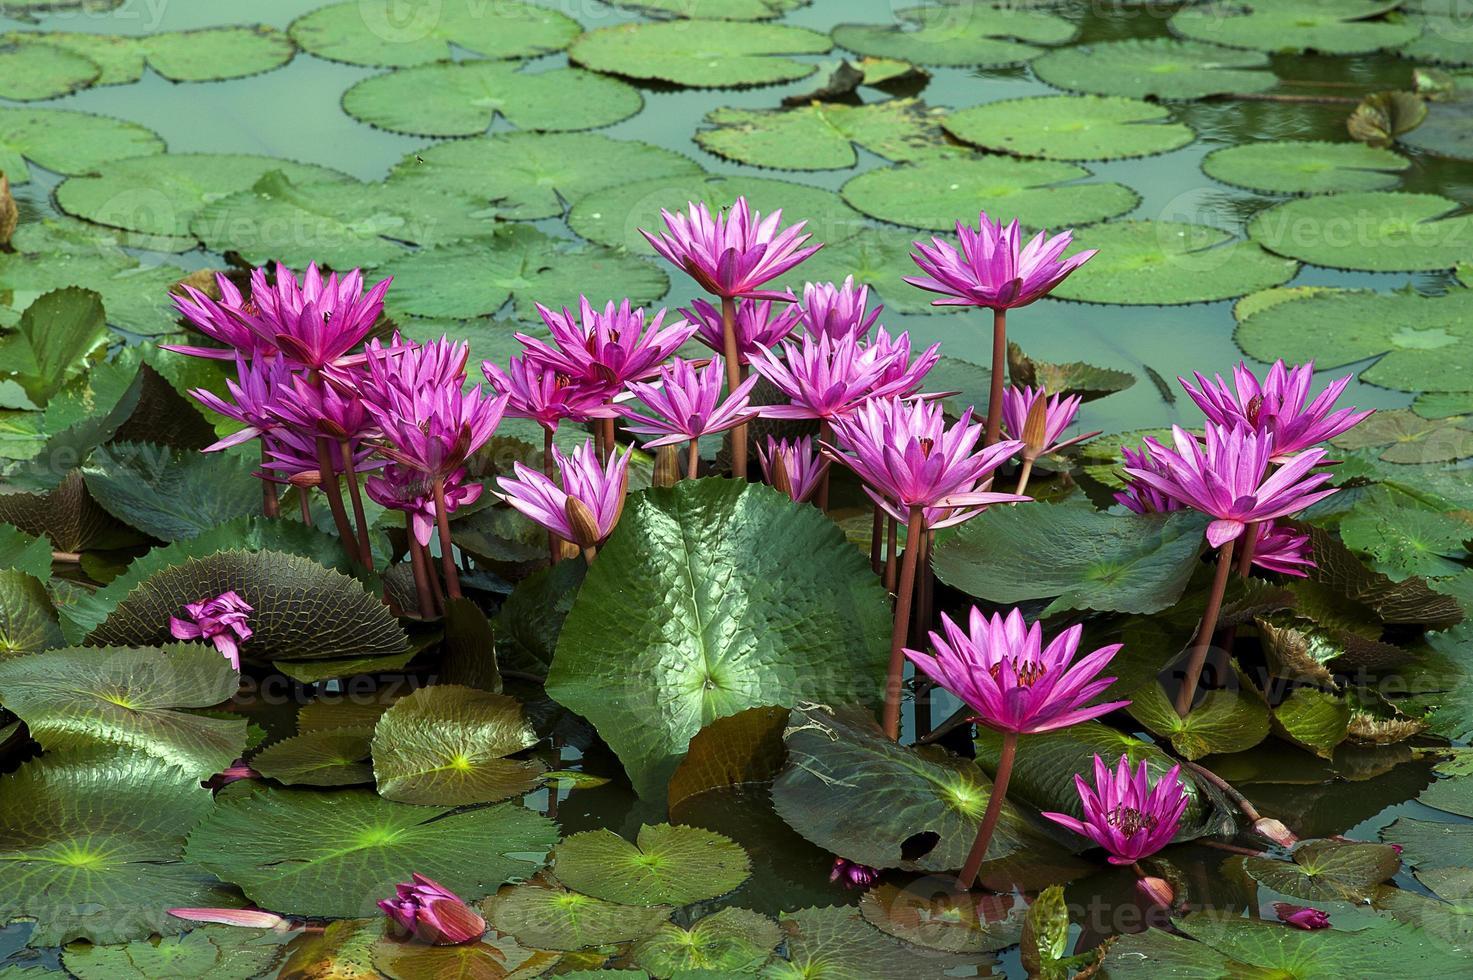 fiore di loto rosso, thailandia foto